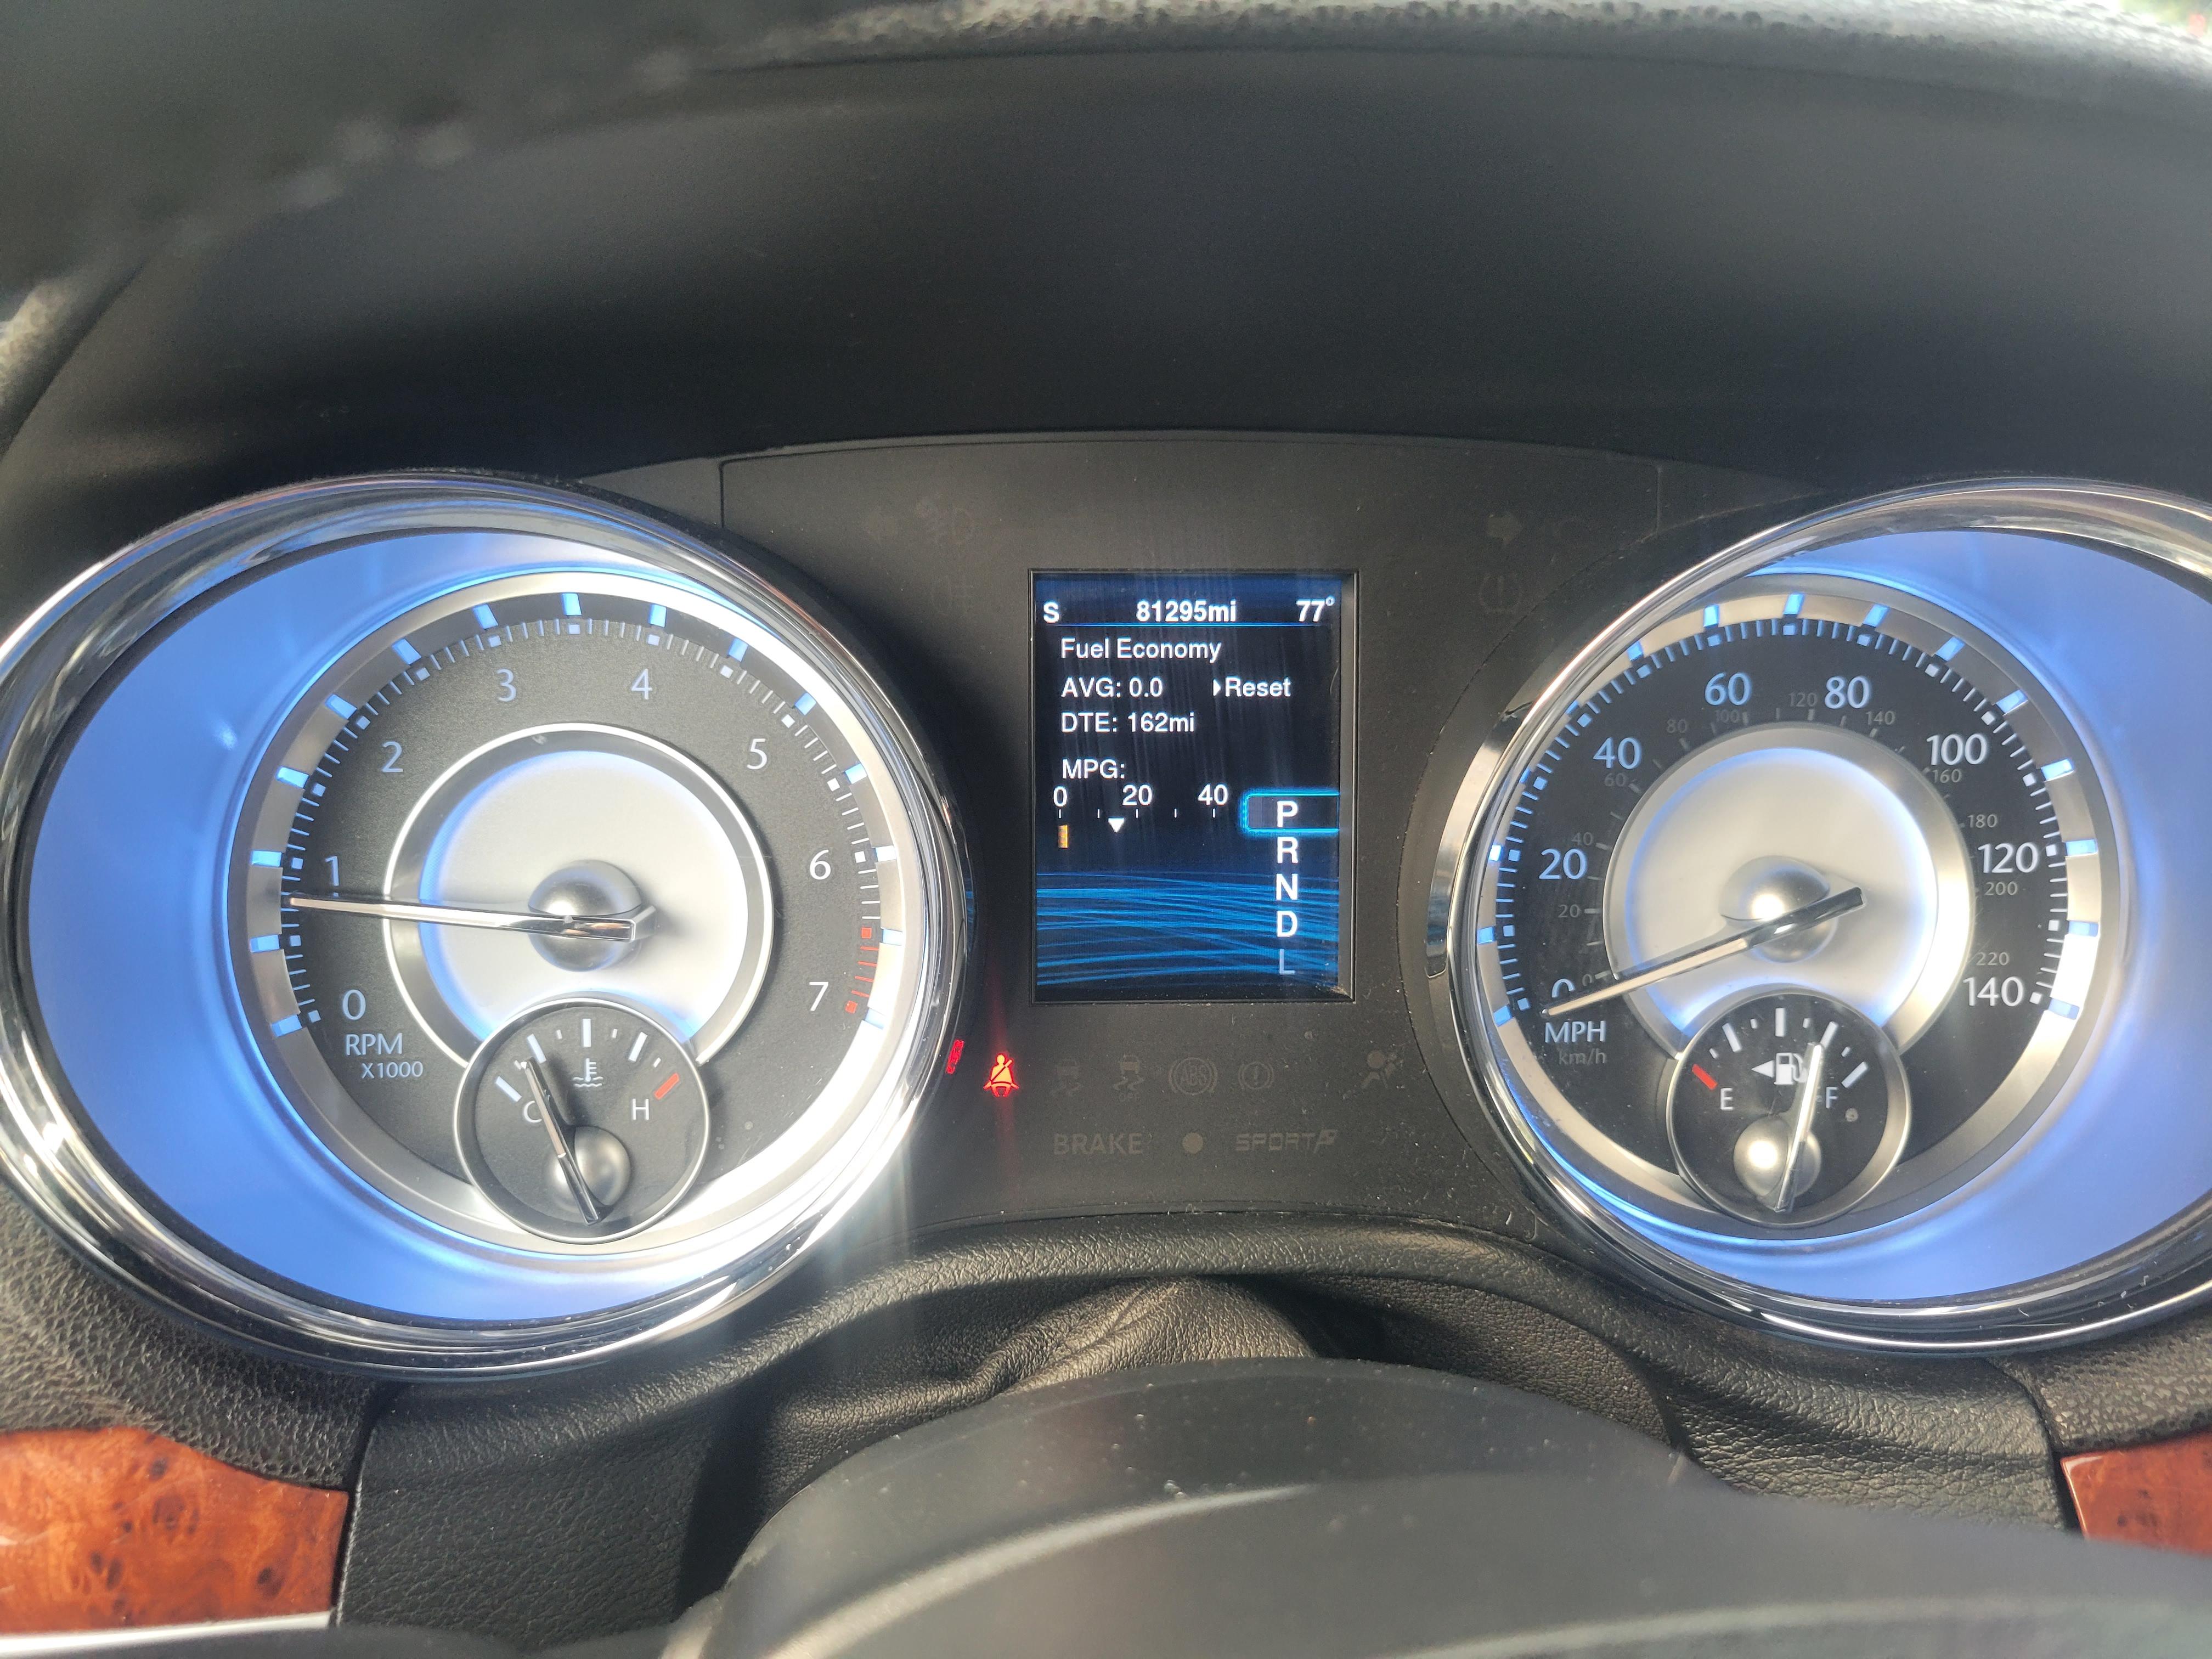 used vehicle - Sedan CHRYSLER 300 2014